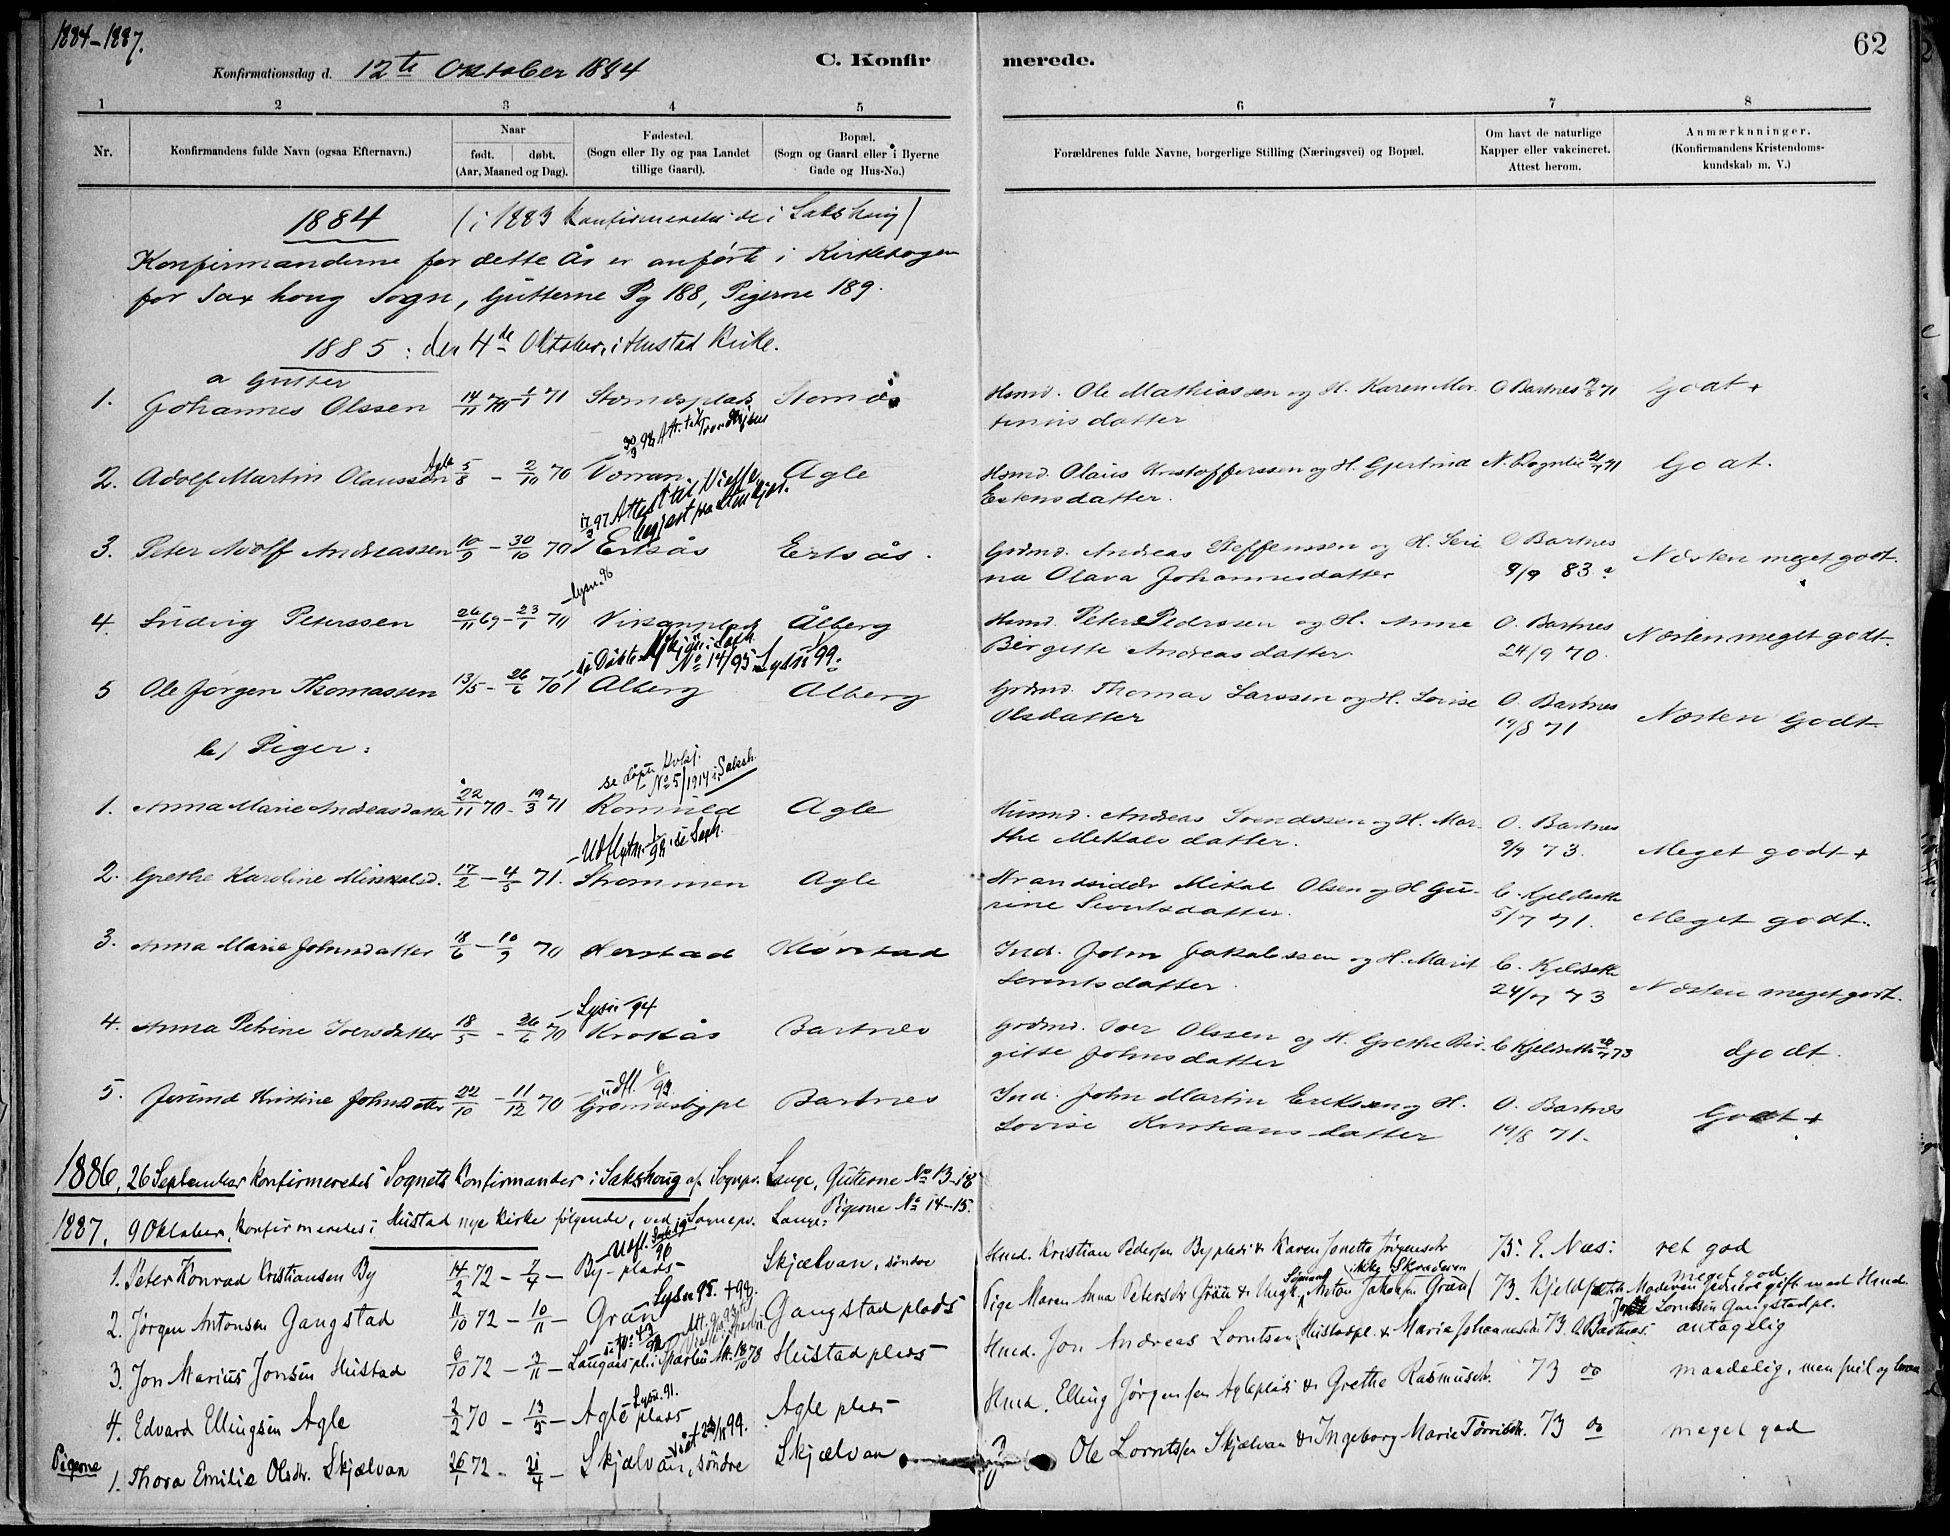 SAT, Ministerialprotokoller, klokkerbøker og fødselsregistre - Nord-Trøndelag, 732/L0316: Ministerialbok nr. 732A01, 1879-1921, s. 62